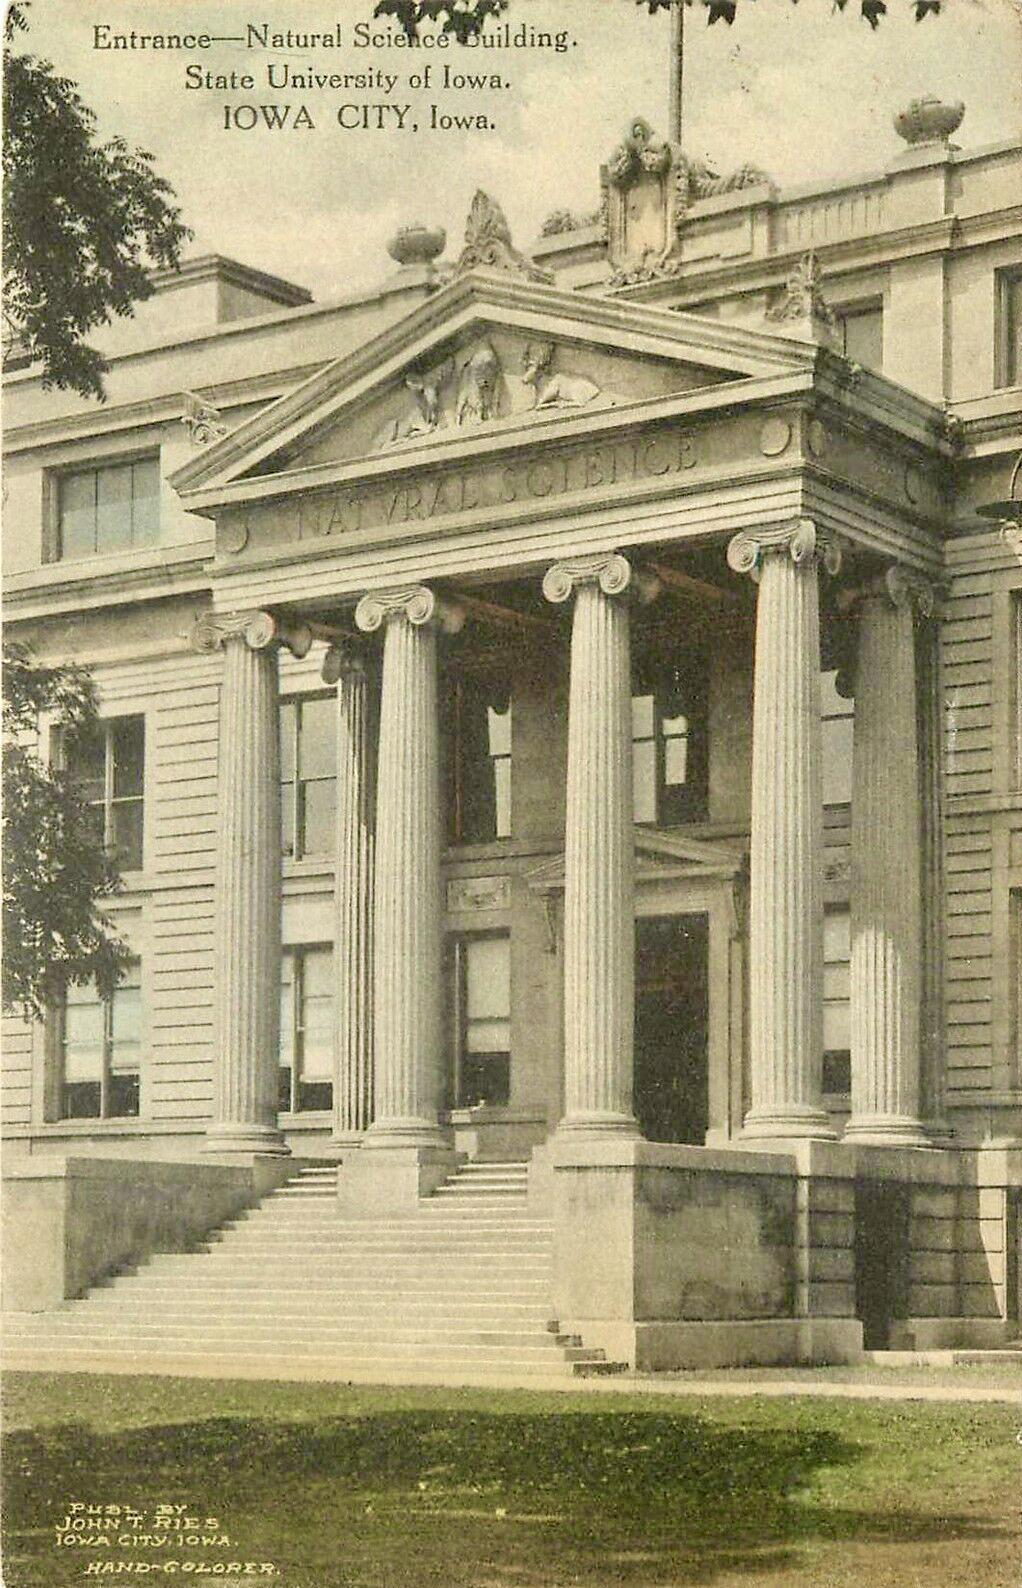 1910natscienceblg 2